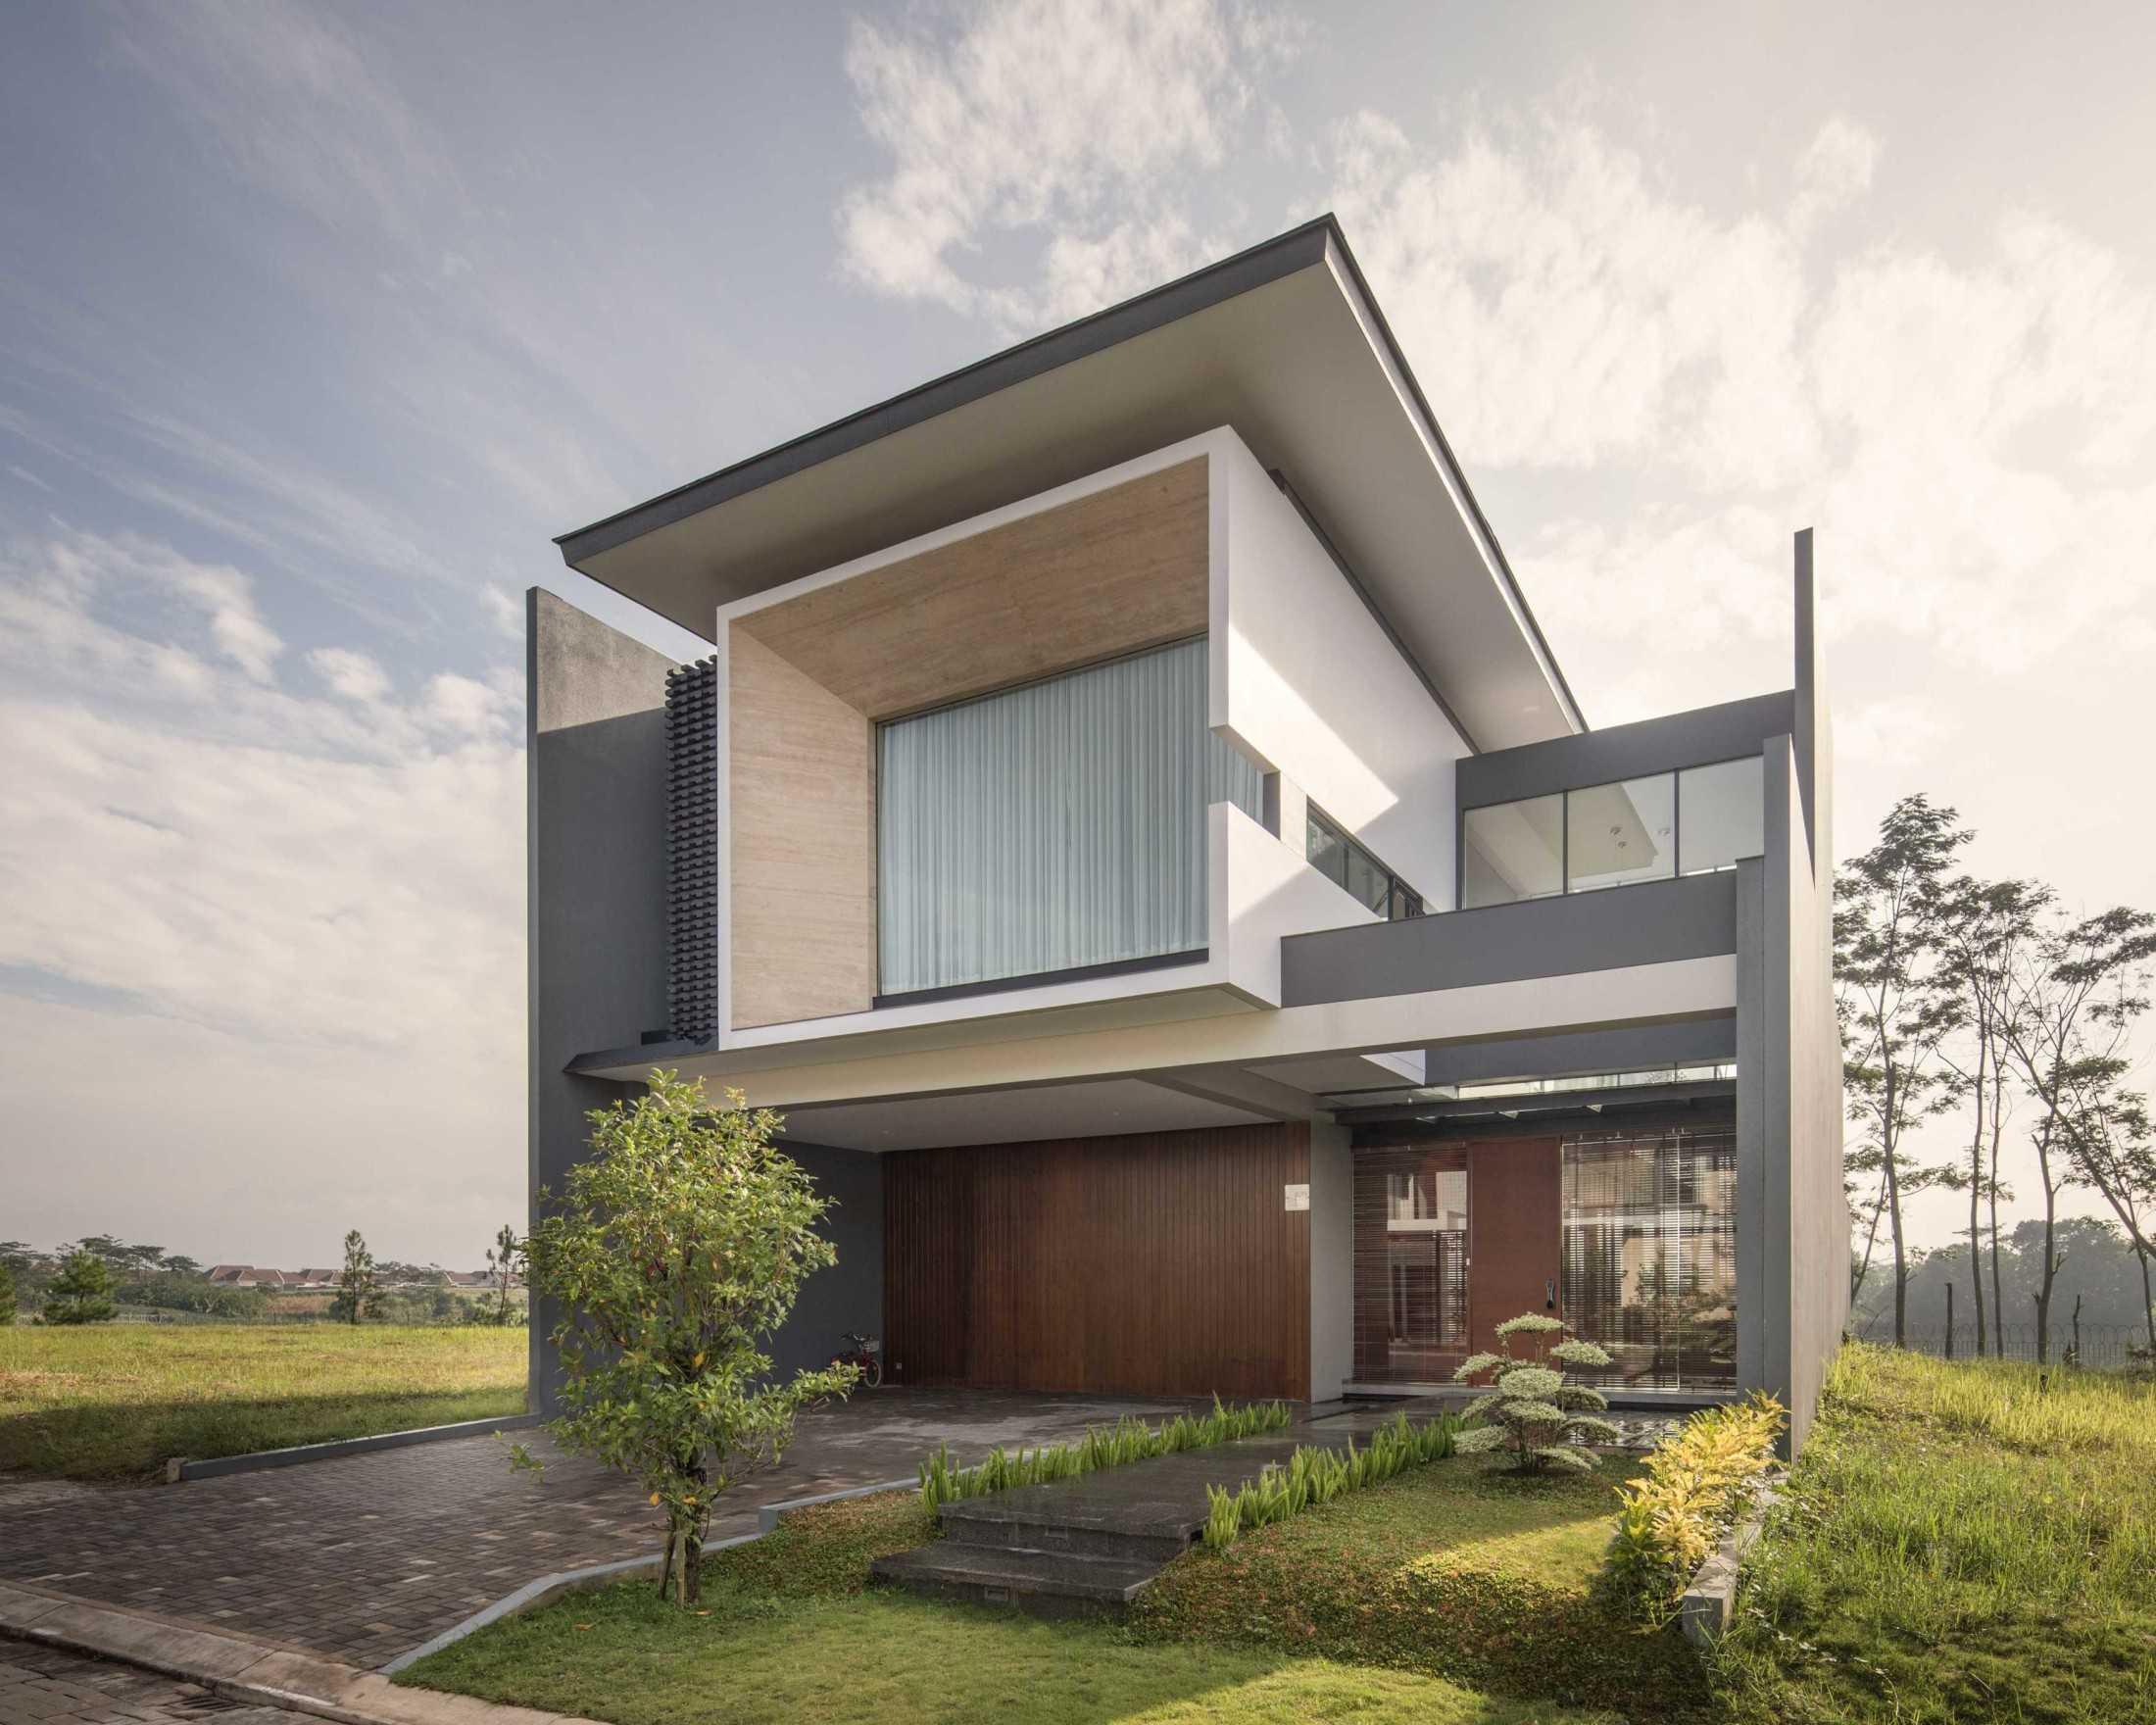 Arsitektur Rumah Modern Minimalis Karya Rakta Studio yang Keren dan Elegan | Foto artikel Arsitag